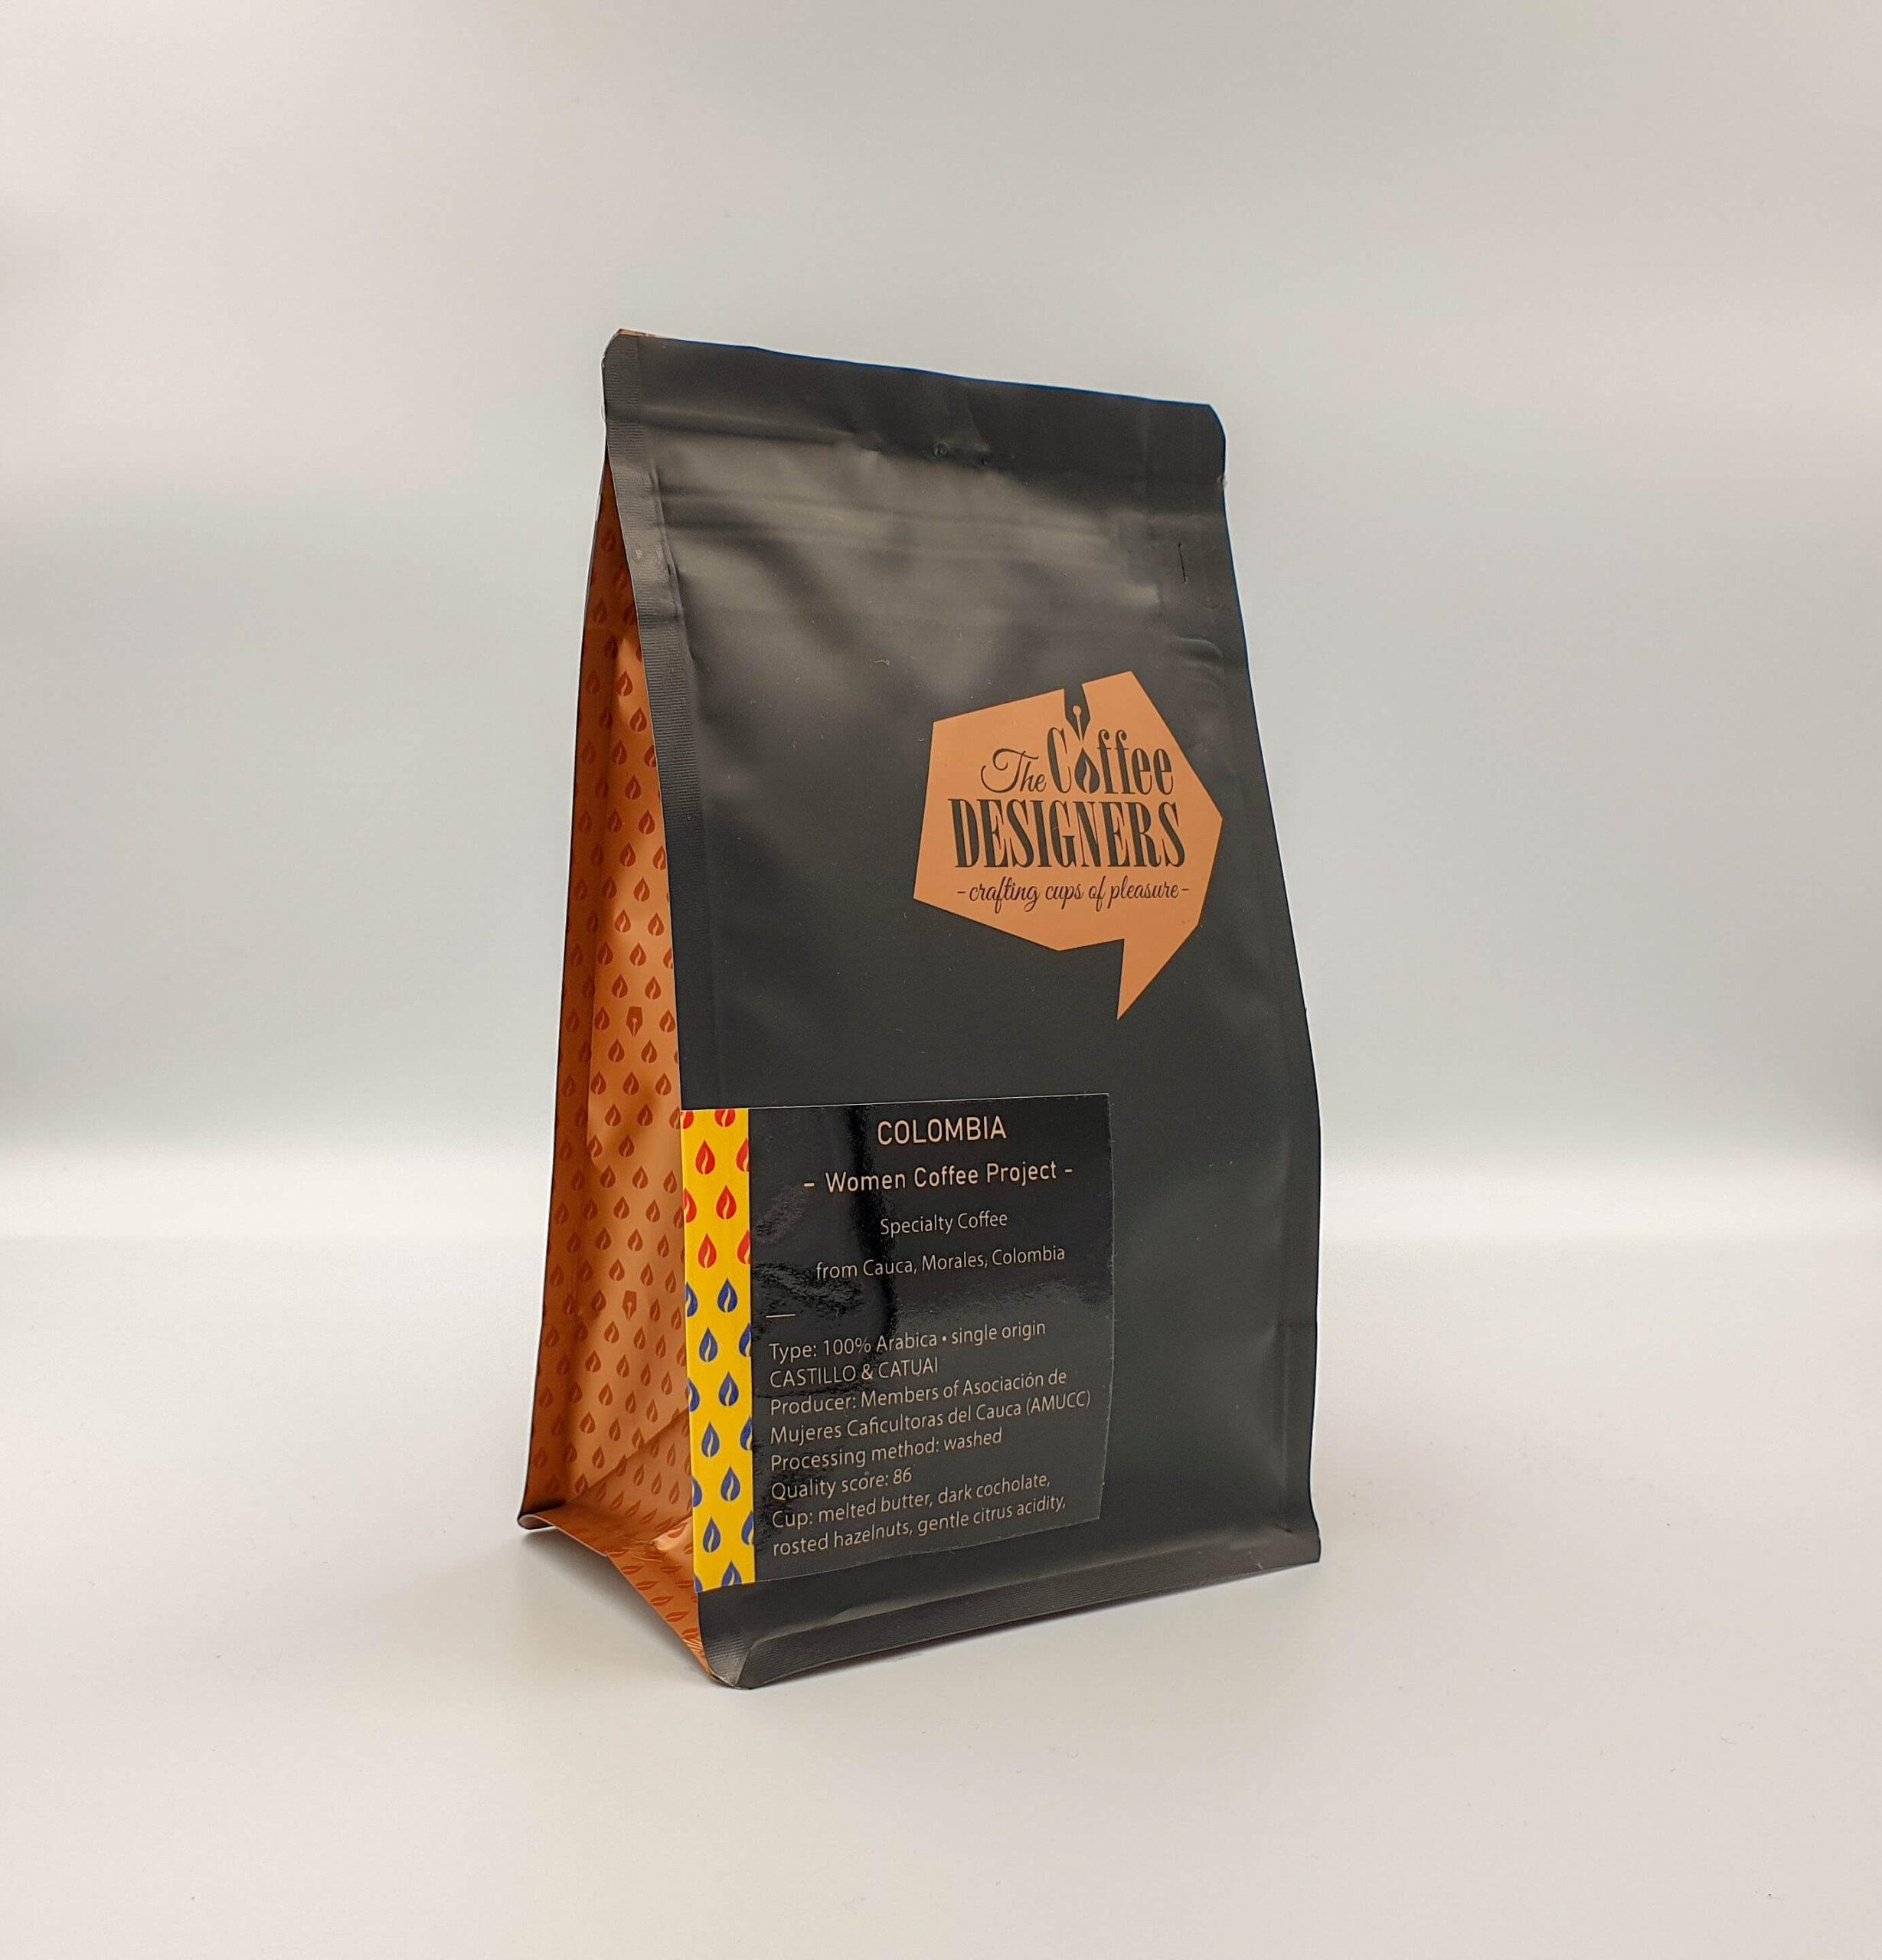 Cafea de specialitate Coffee Designers Colombia – Cauca - Women Coffee Project